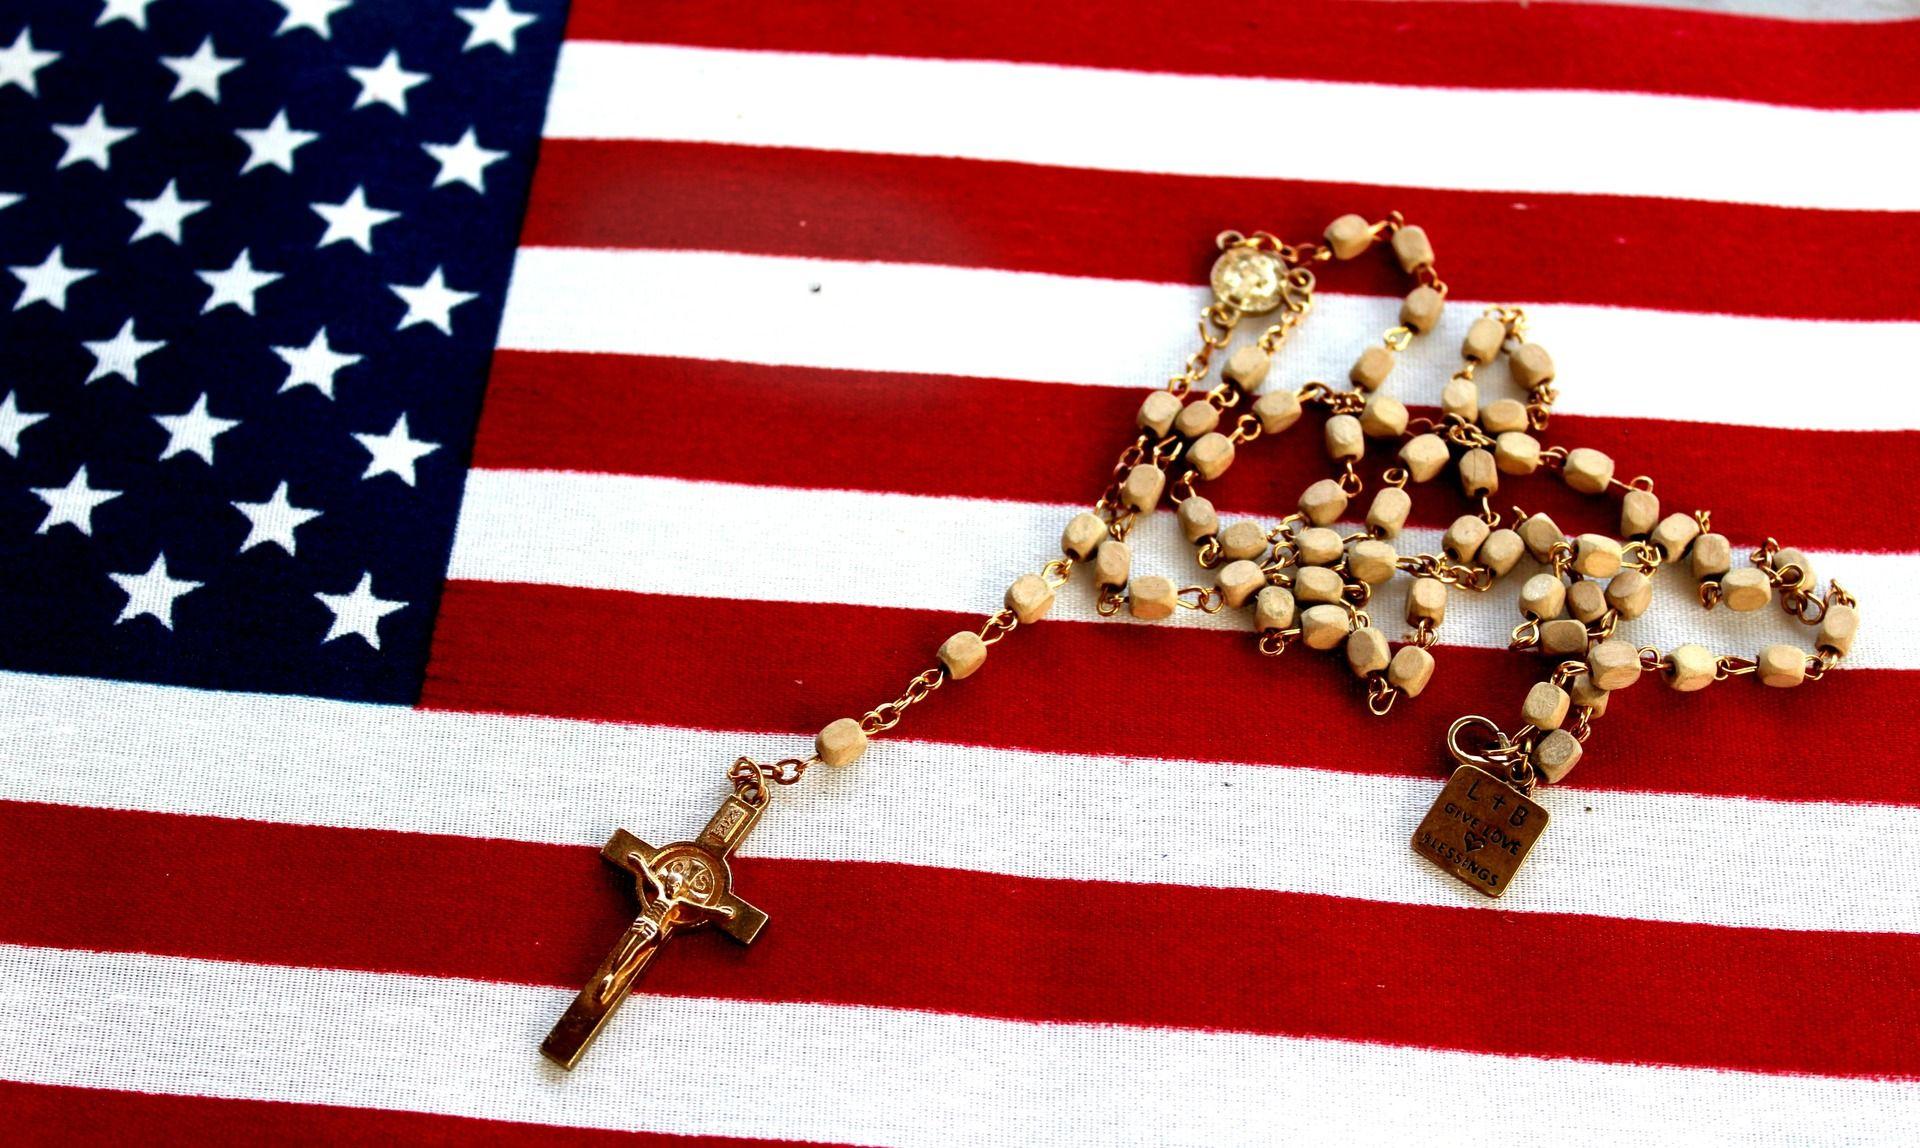 Rosaryonflag.jpg